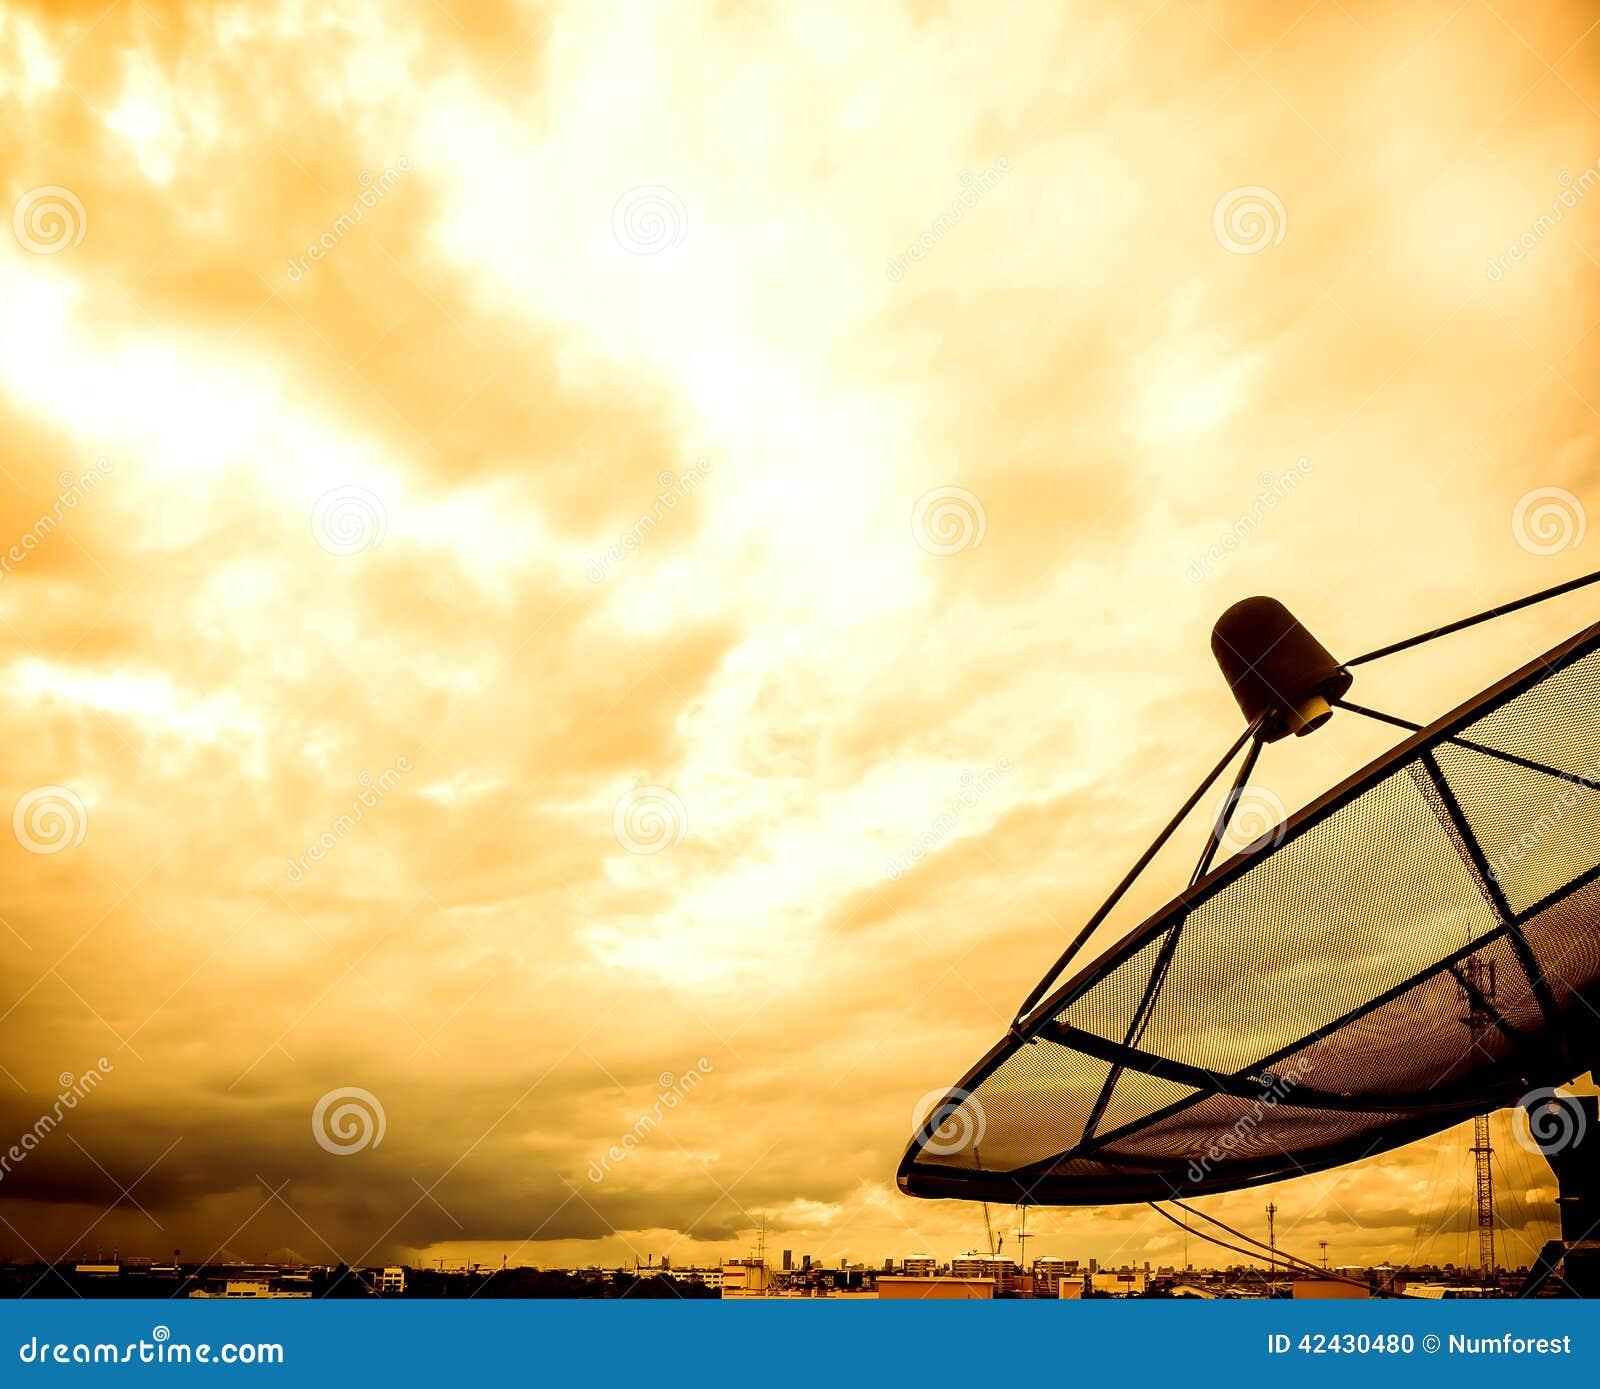 Antena parabólica en vintage